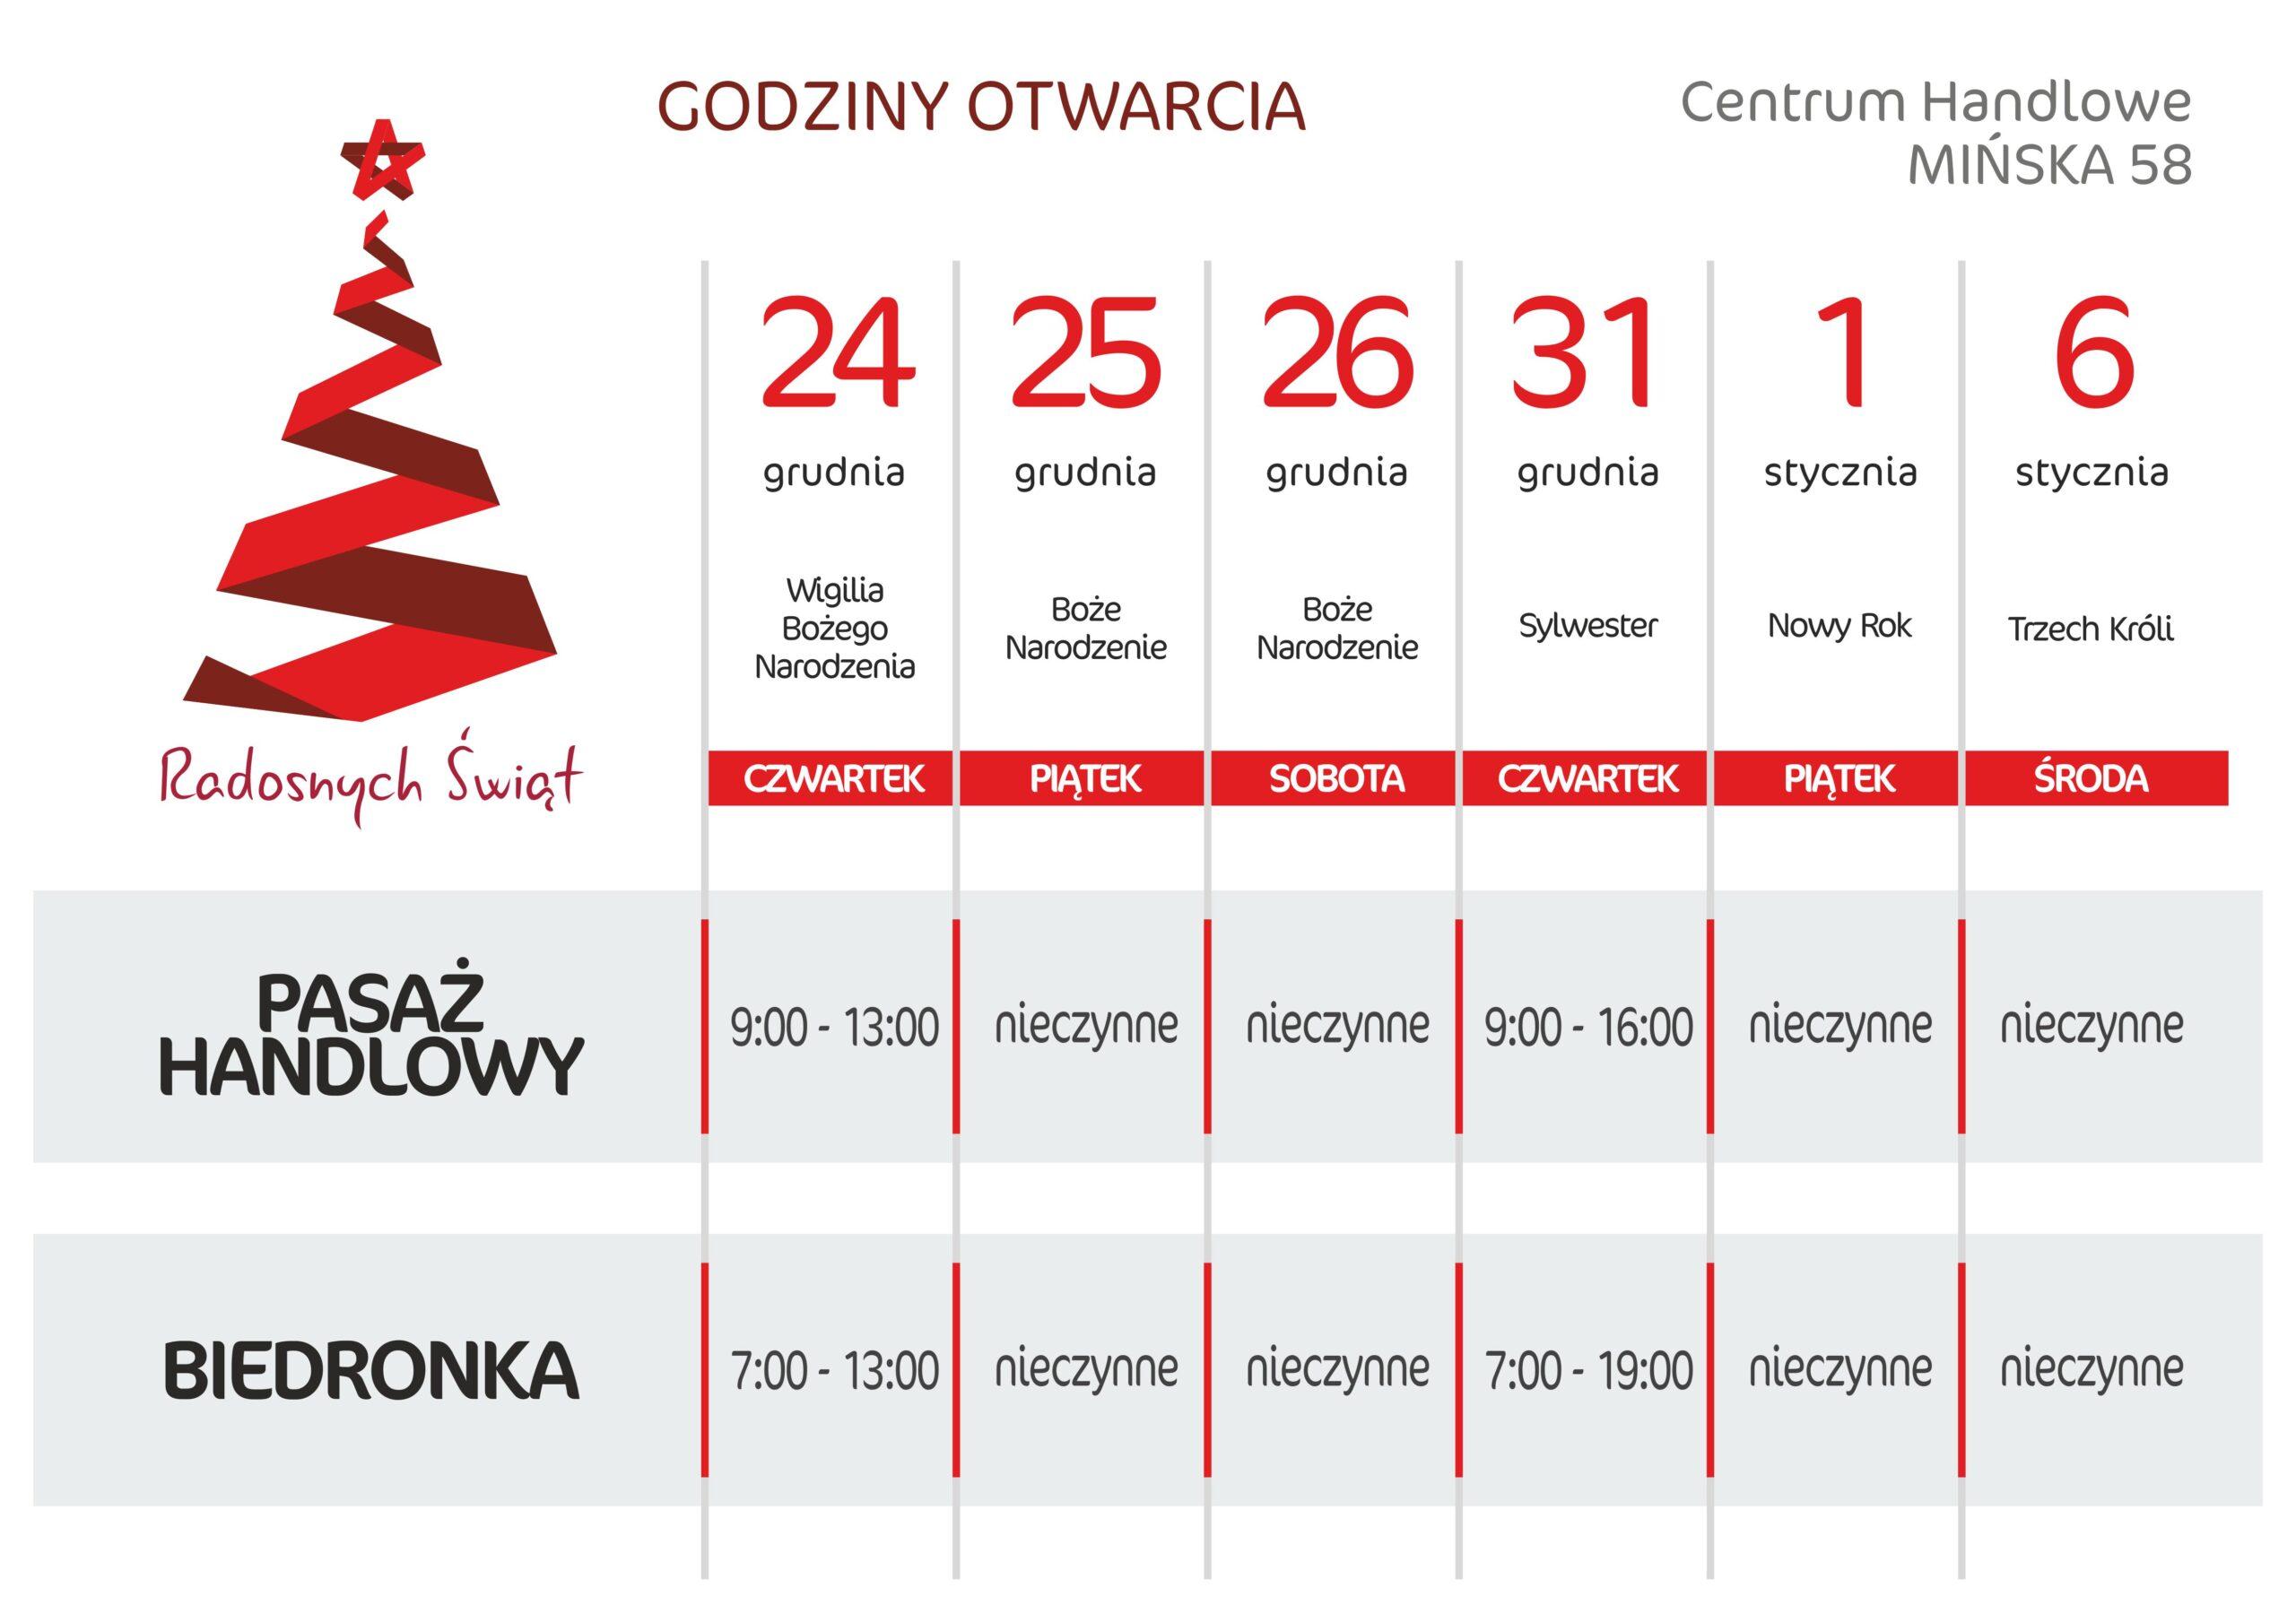 Godziny otwarcia w okresie świątecznym.